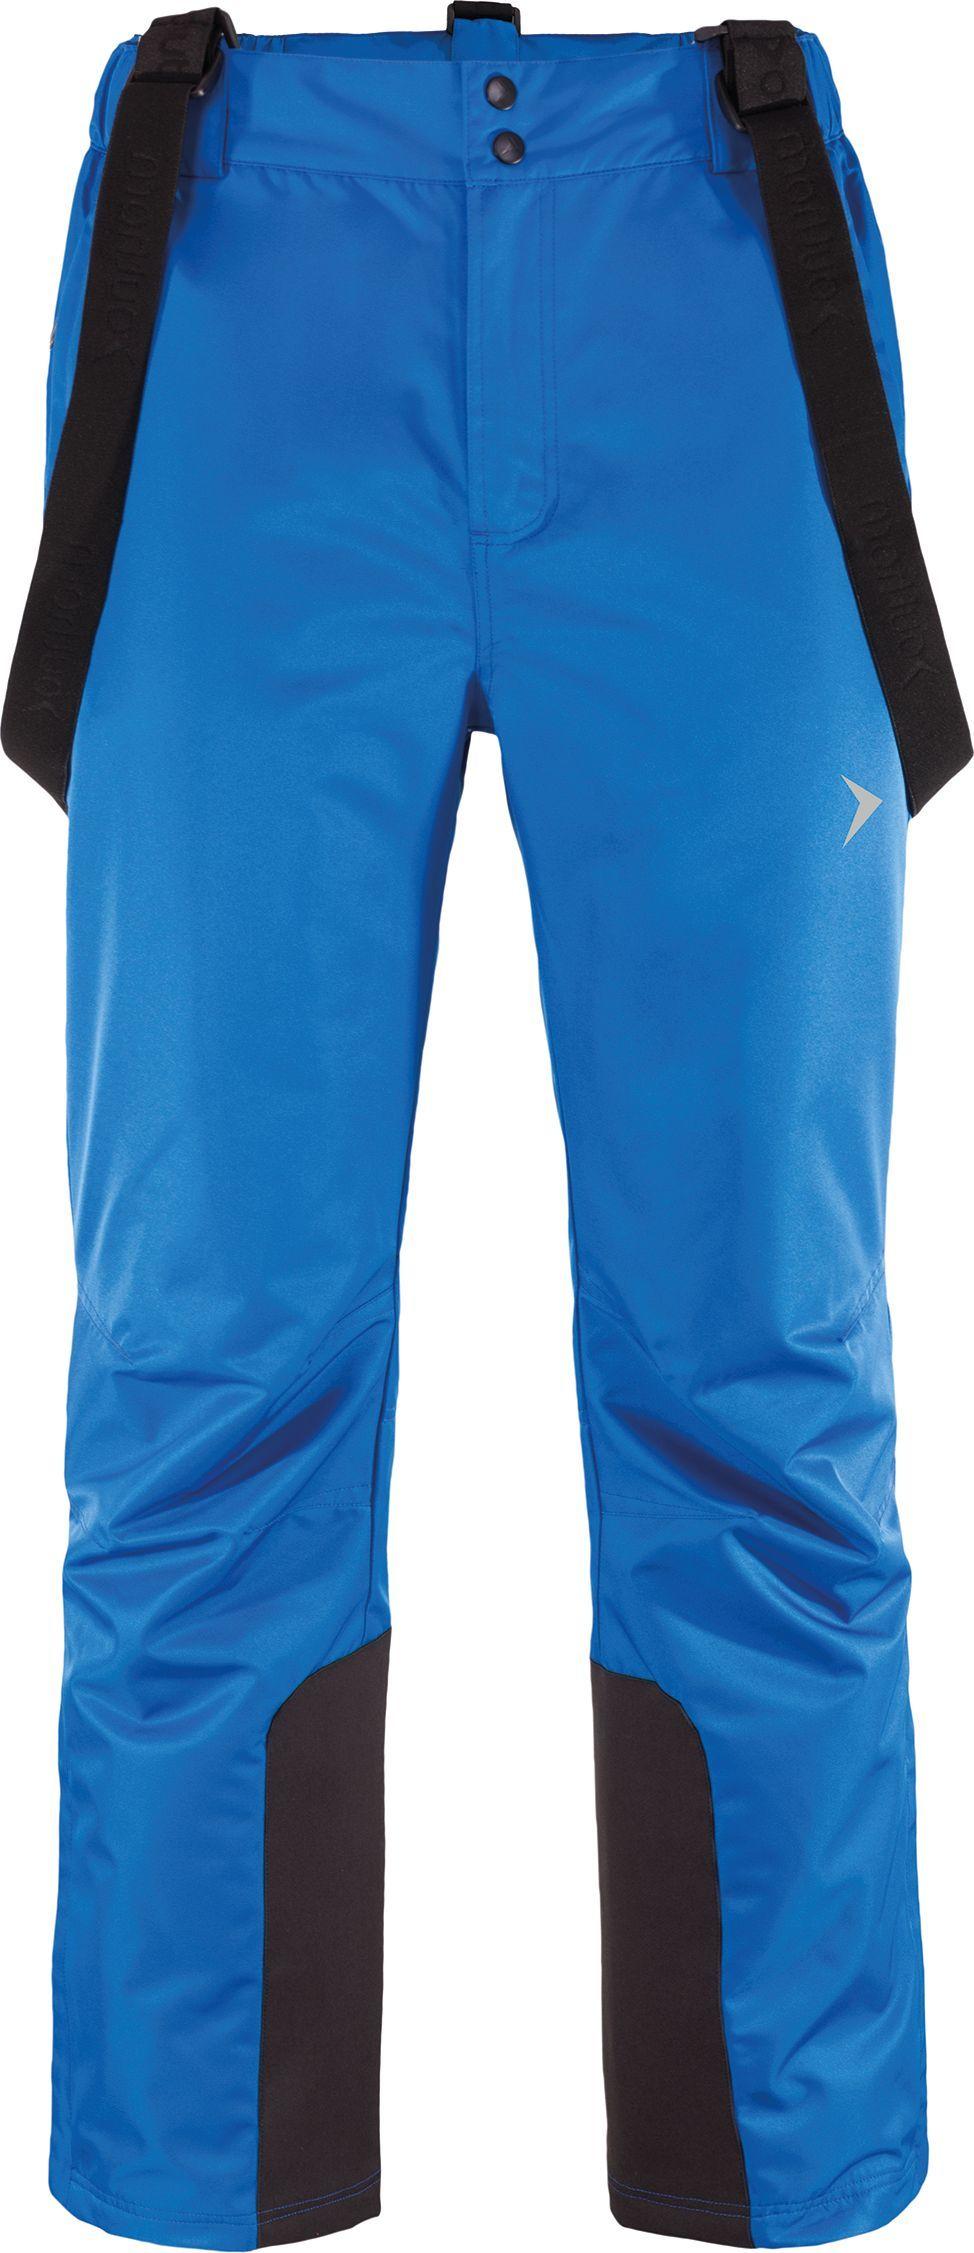 Outhorn Spodnie narciarskie męskie Ski Tech XPRO 3000 niebieskie r. M (HOZ18 SPMN600) ID produktu: 4598945